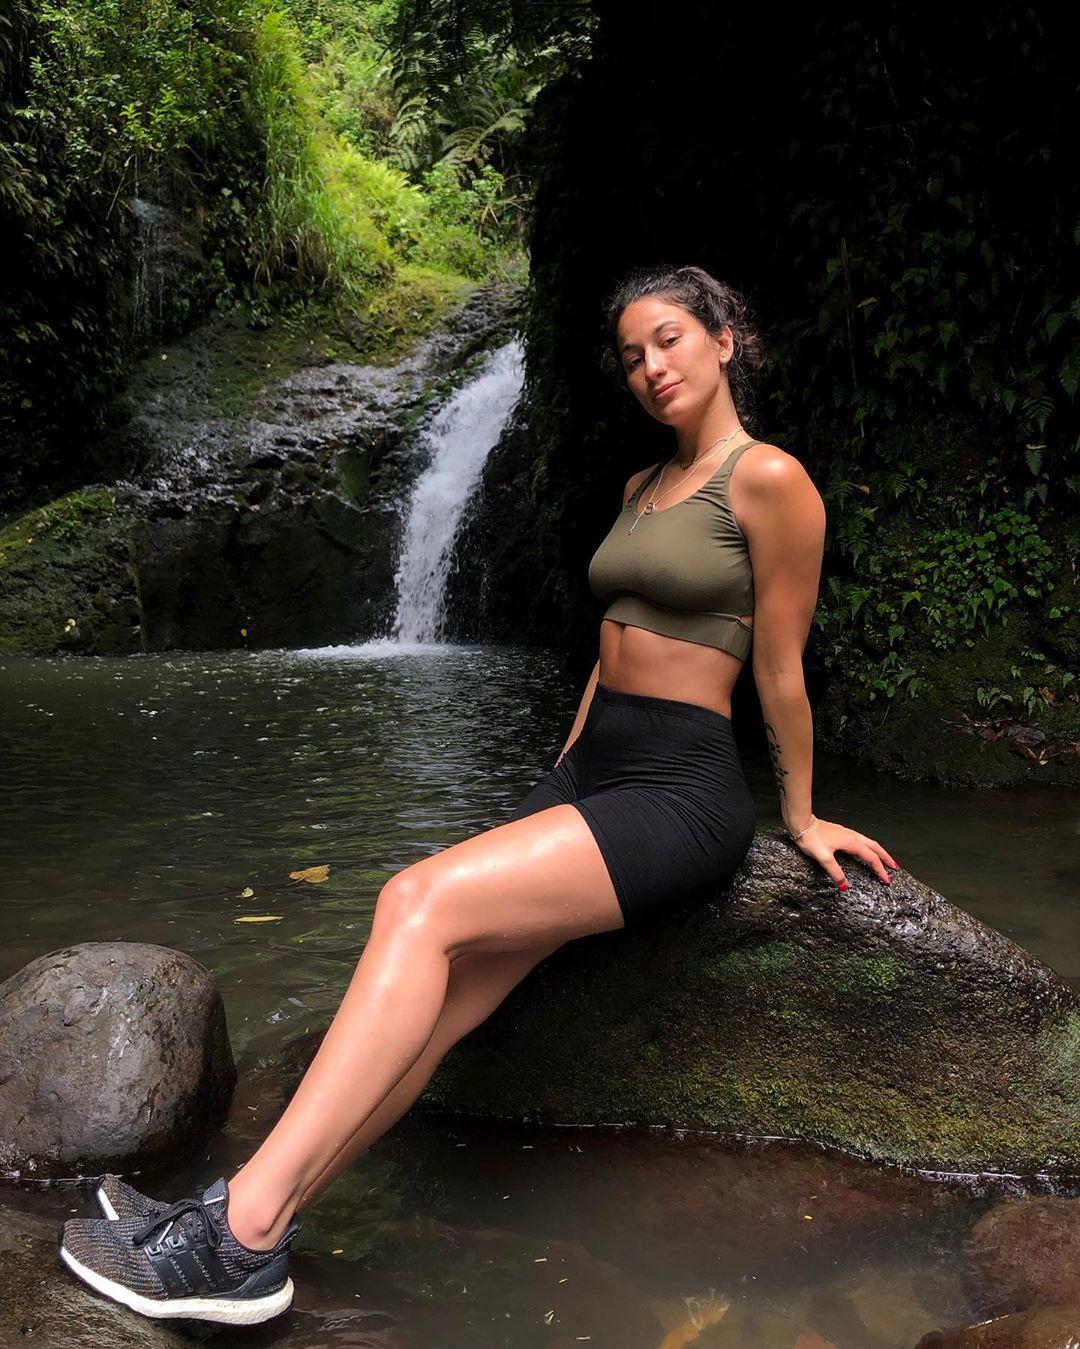 Lexy Panterra, a rainha do twerking é a mais recente celebridade com fotos íntimas expostas na Internet